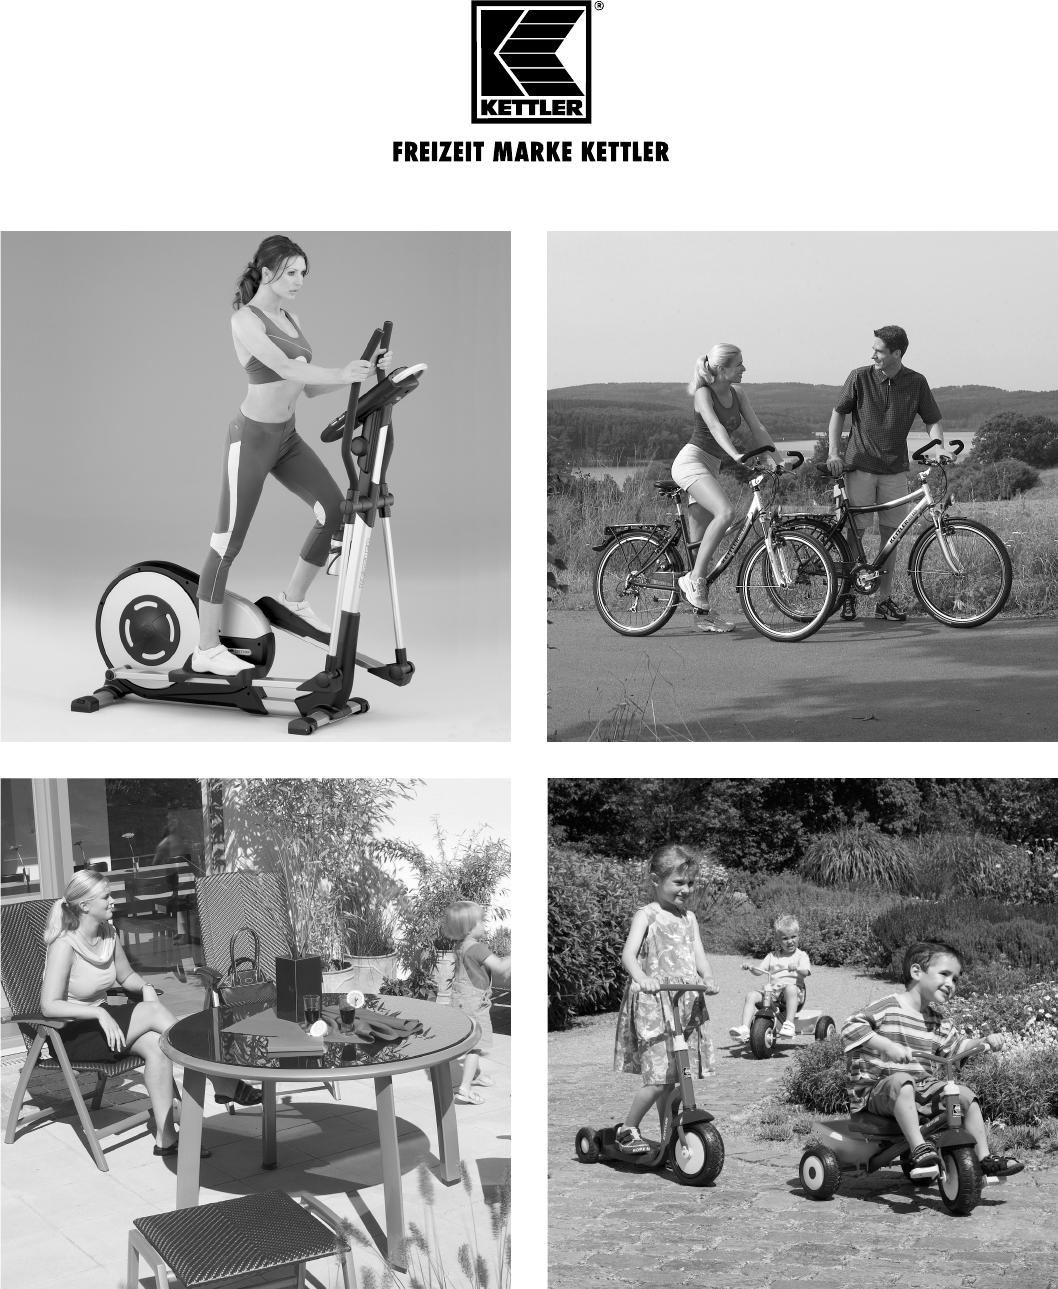 bedienungsanleitung kettler sd4 seite 100 von 100 d nisch deutsch englisch spanisch. Black Bedroom Furniture Sets. Home Design Ideas